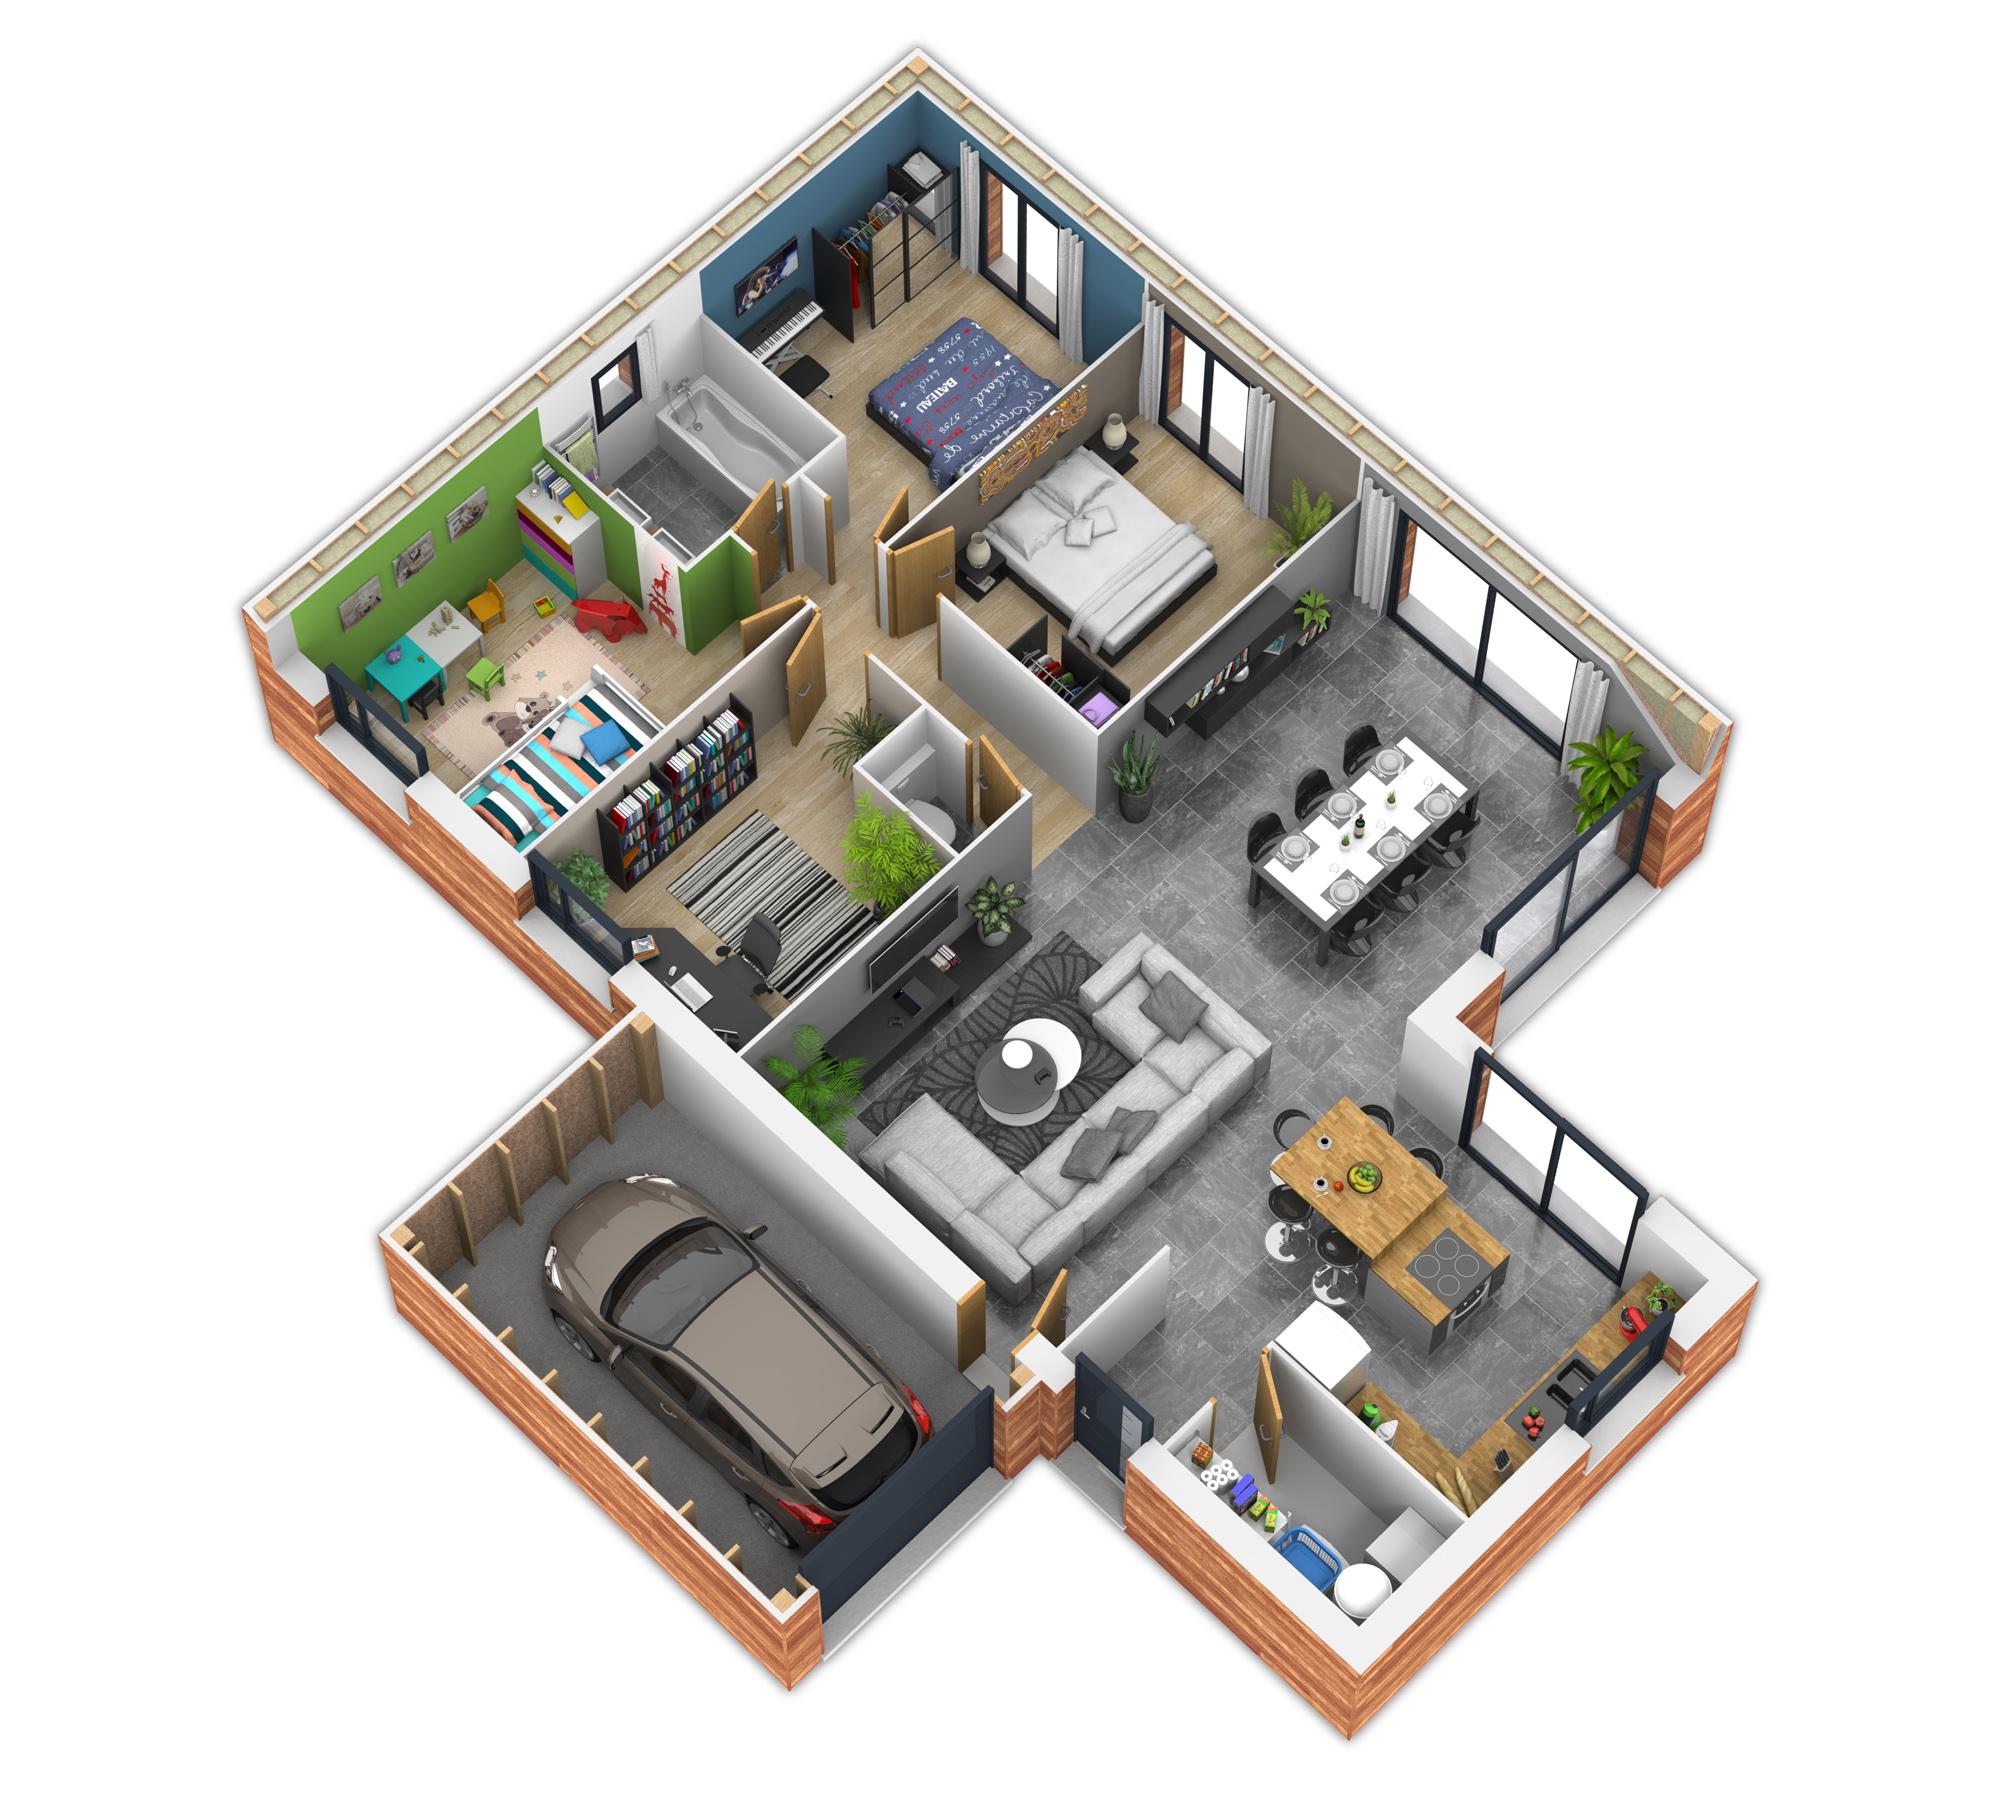 Natisoon toit terrasse mod le de maison en bois natilia for Plan maison exterieur